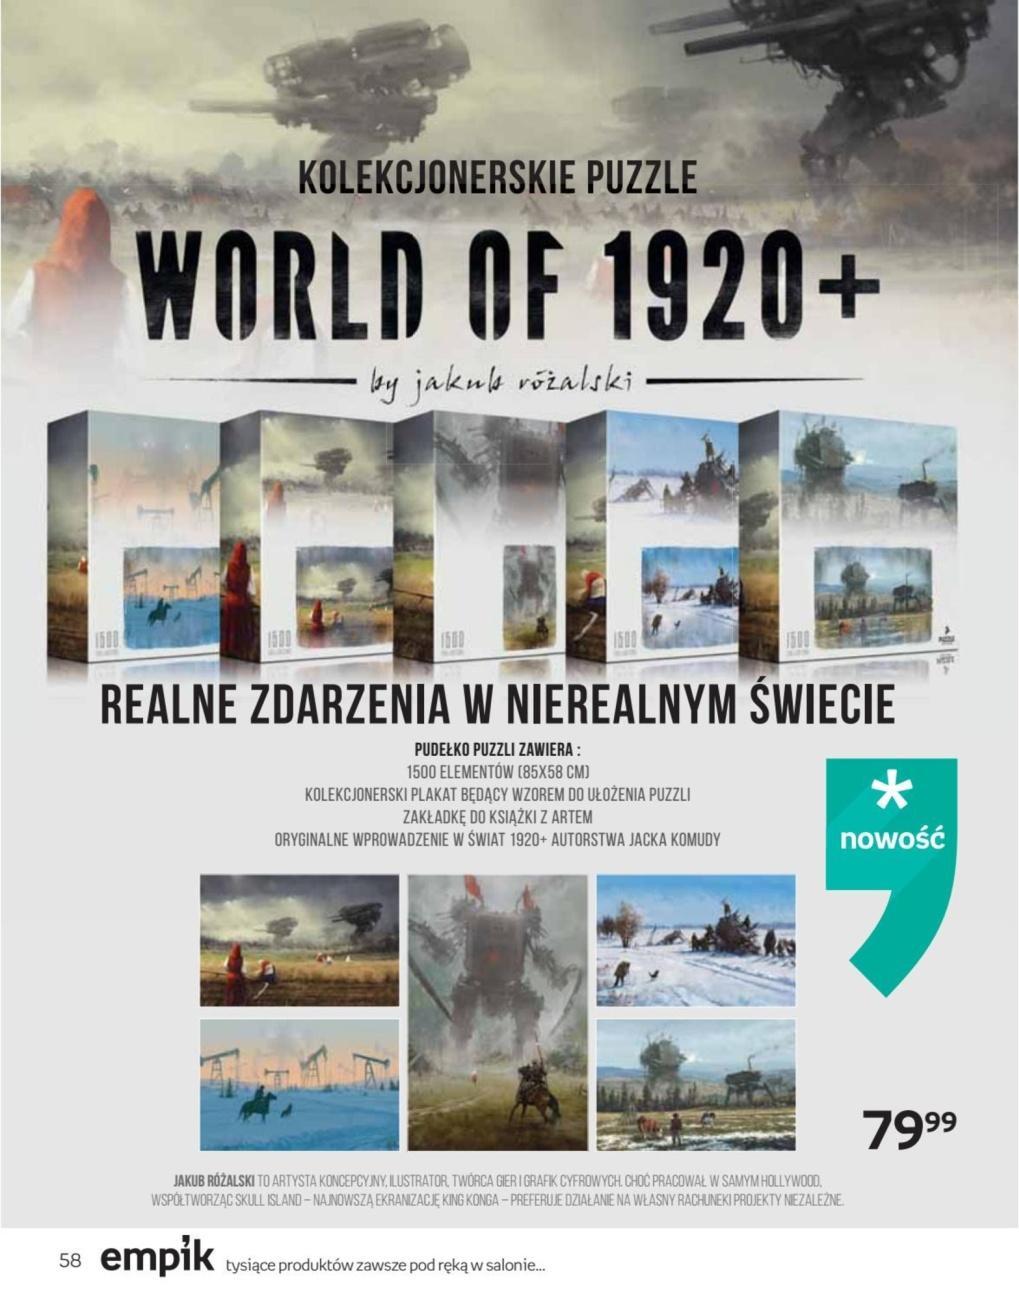 Gazetka Promocyjna I Reklamowa Empik Od 29032017 Do 1004